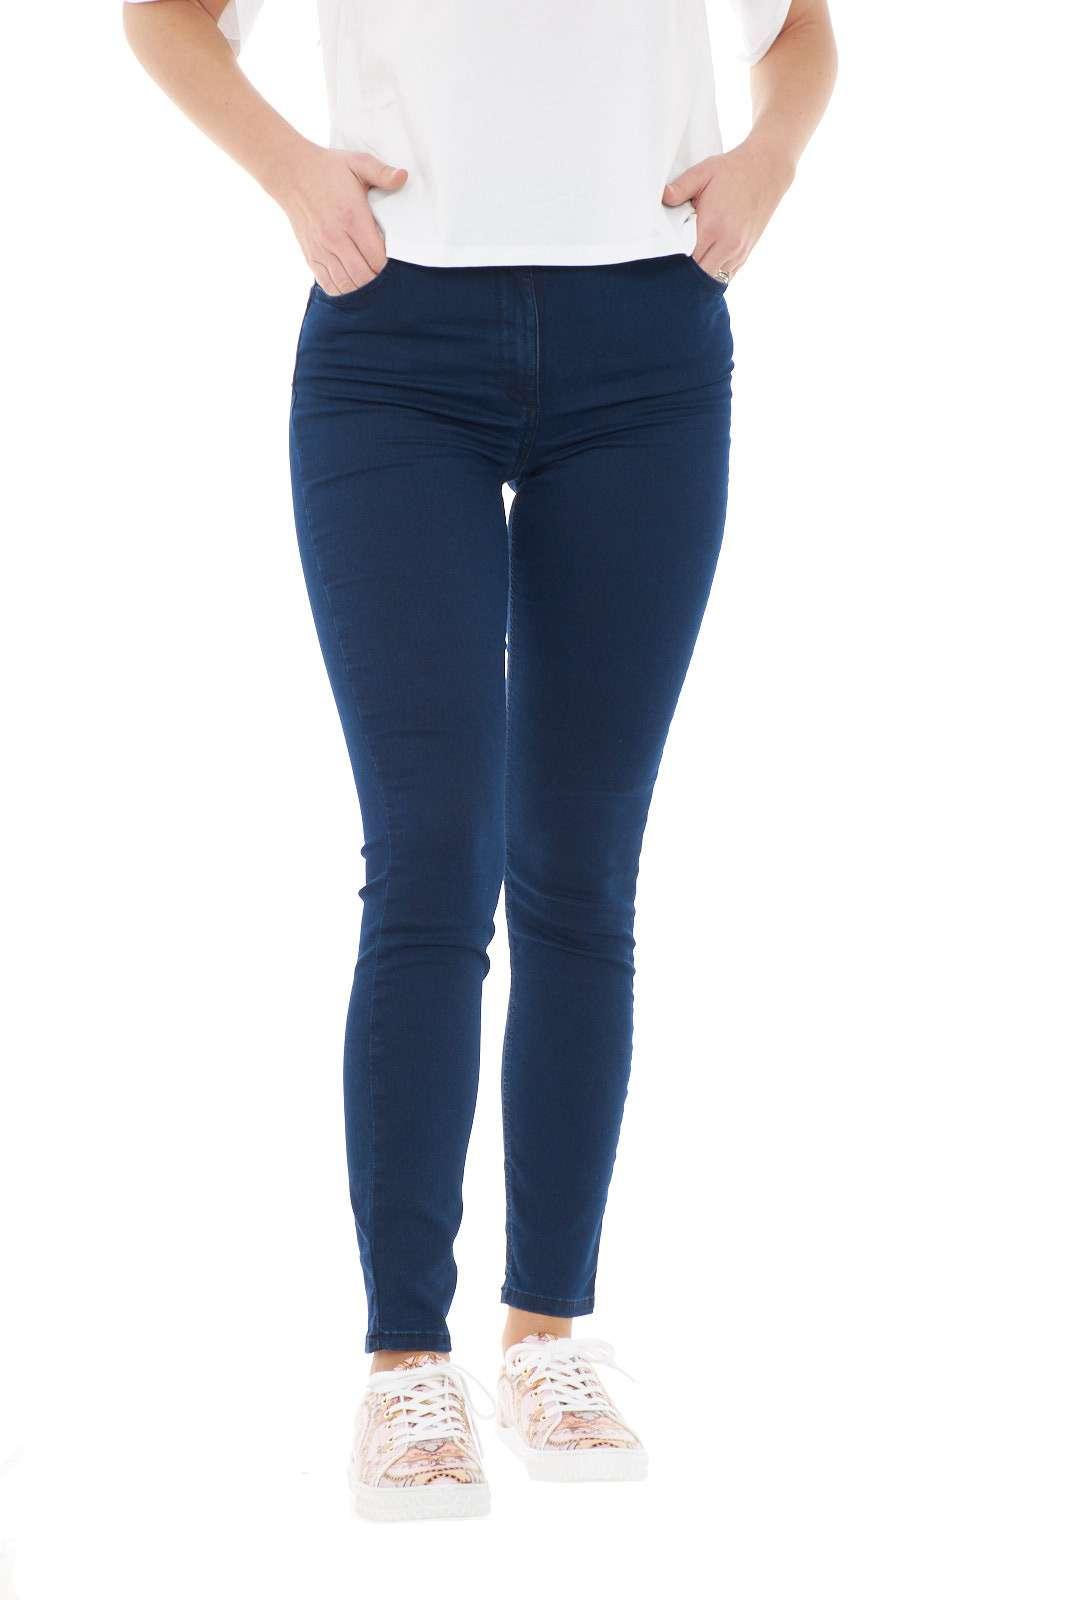 Scopri il nuovo jeans dalla vestibilità skinny proposto dalla collection donna di Liu Jo. Una linea pulita e minimal perfetta da indossare con ogni look. Dalle T shirt sportive ai top più eleganti, veste il tuo stile con classe.